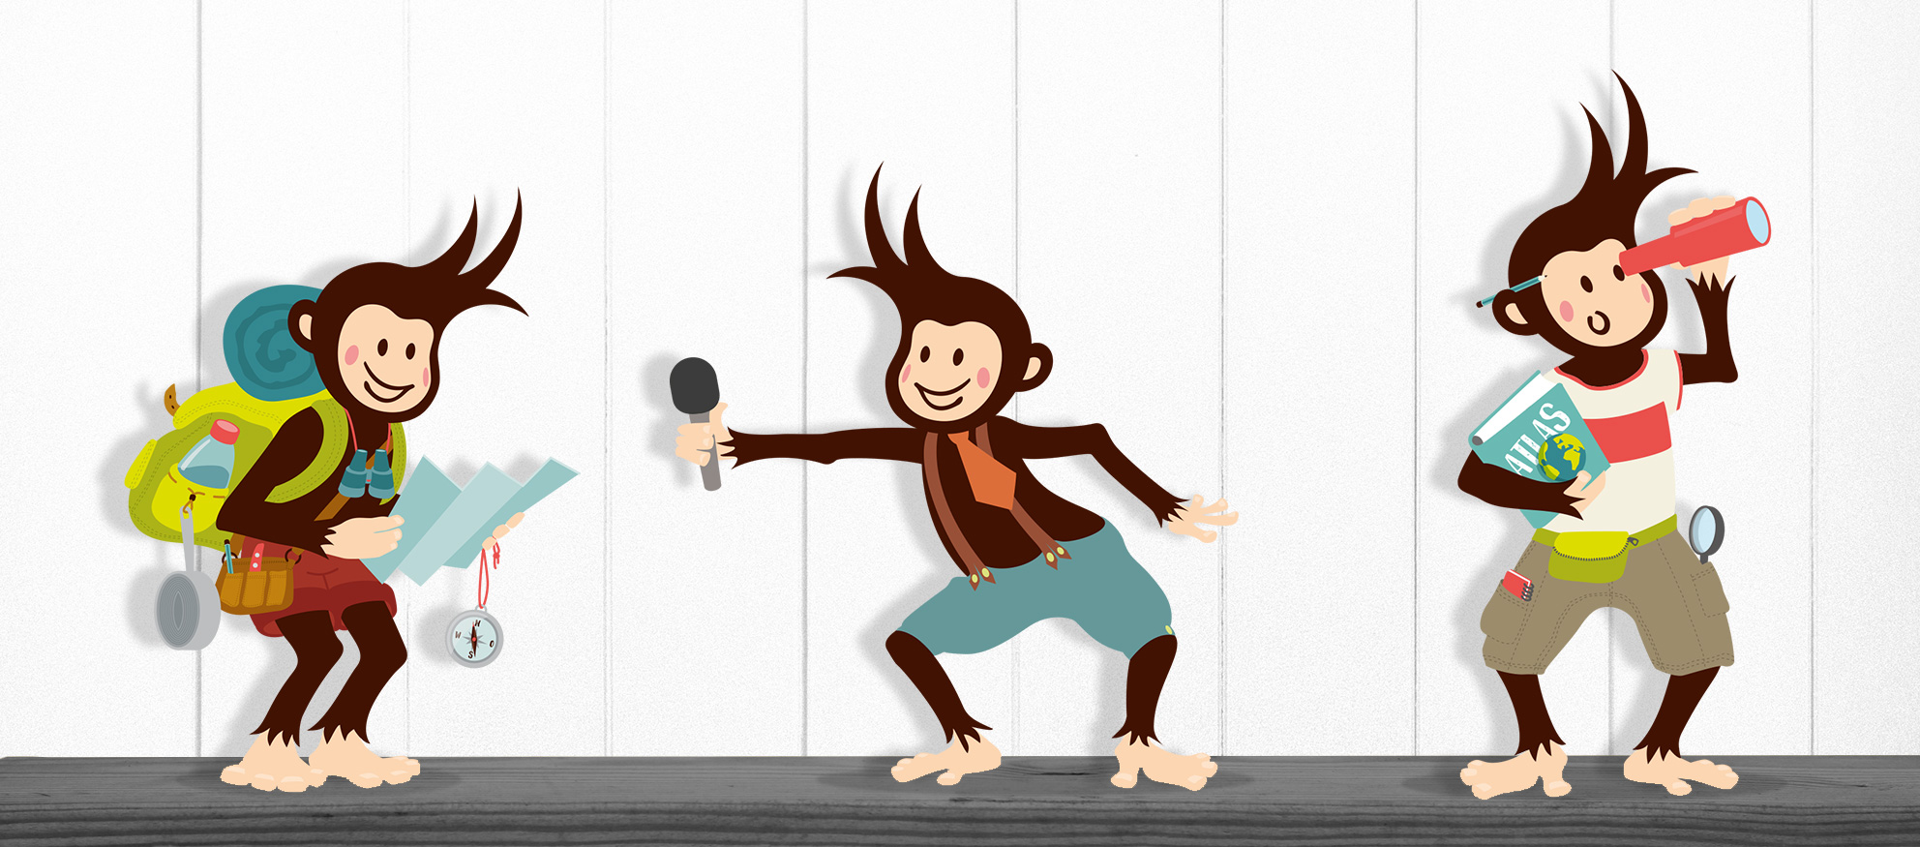 bonoboo_abenteuer-wachsen_character